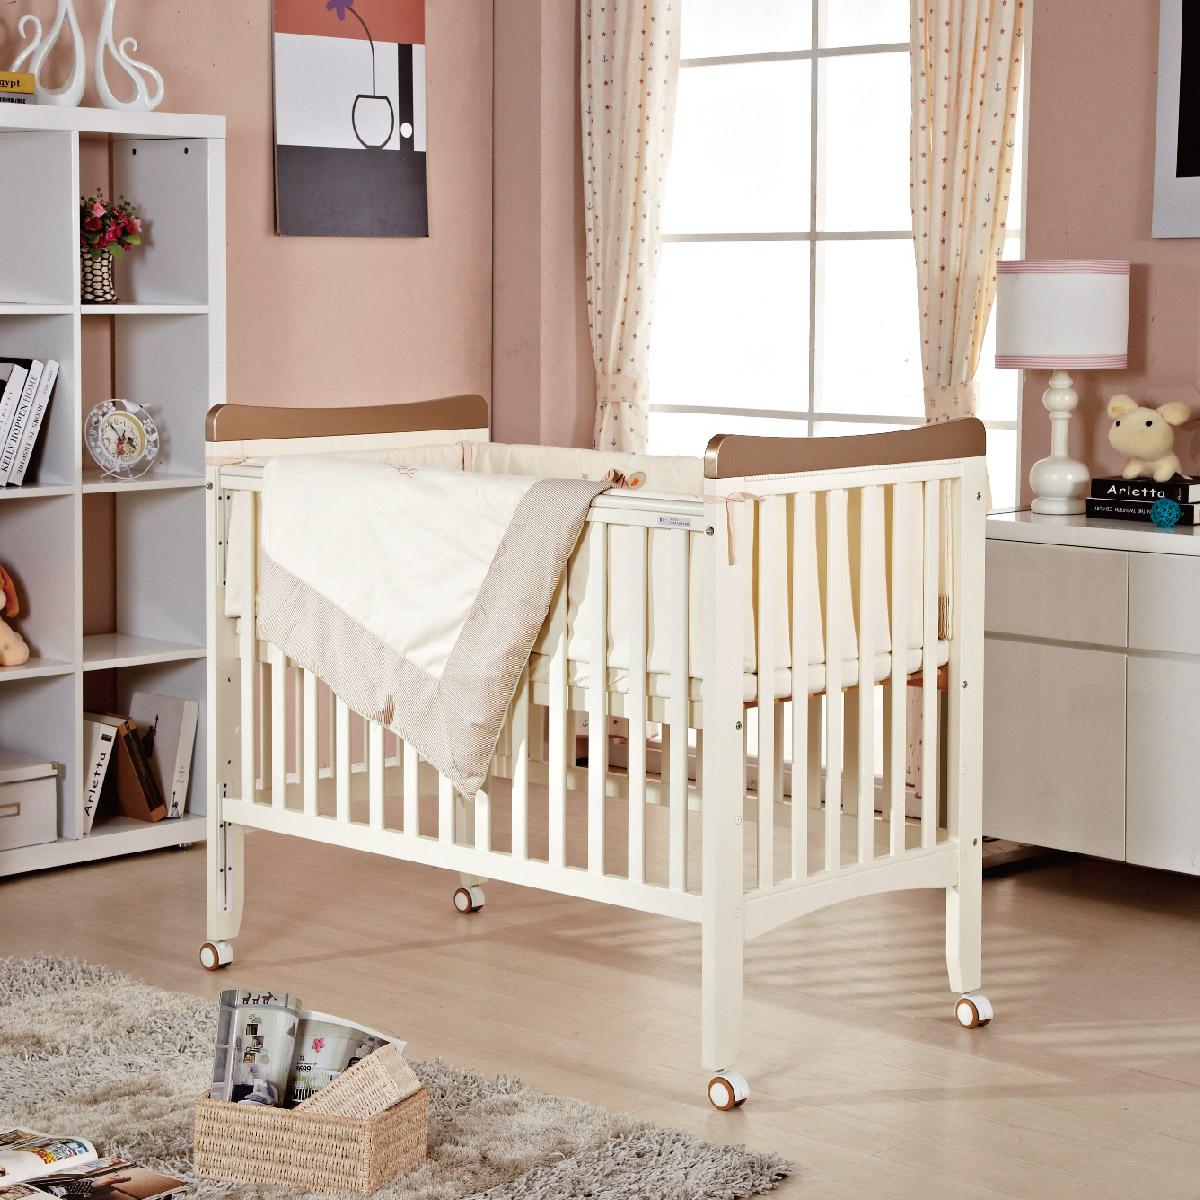 葛瑞斯三合一嬰兒床 - 葛瑞斯(大床)